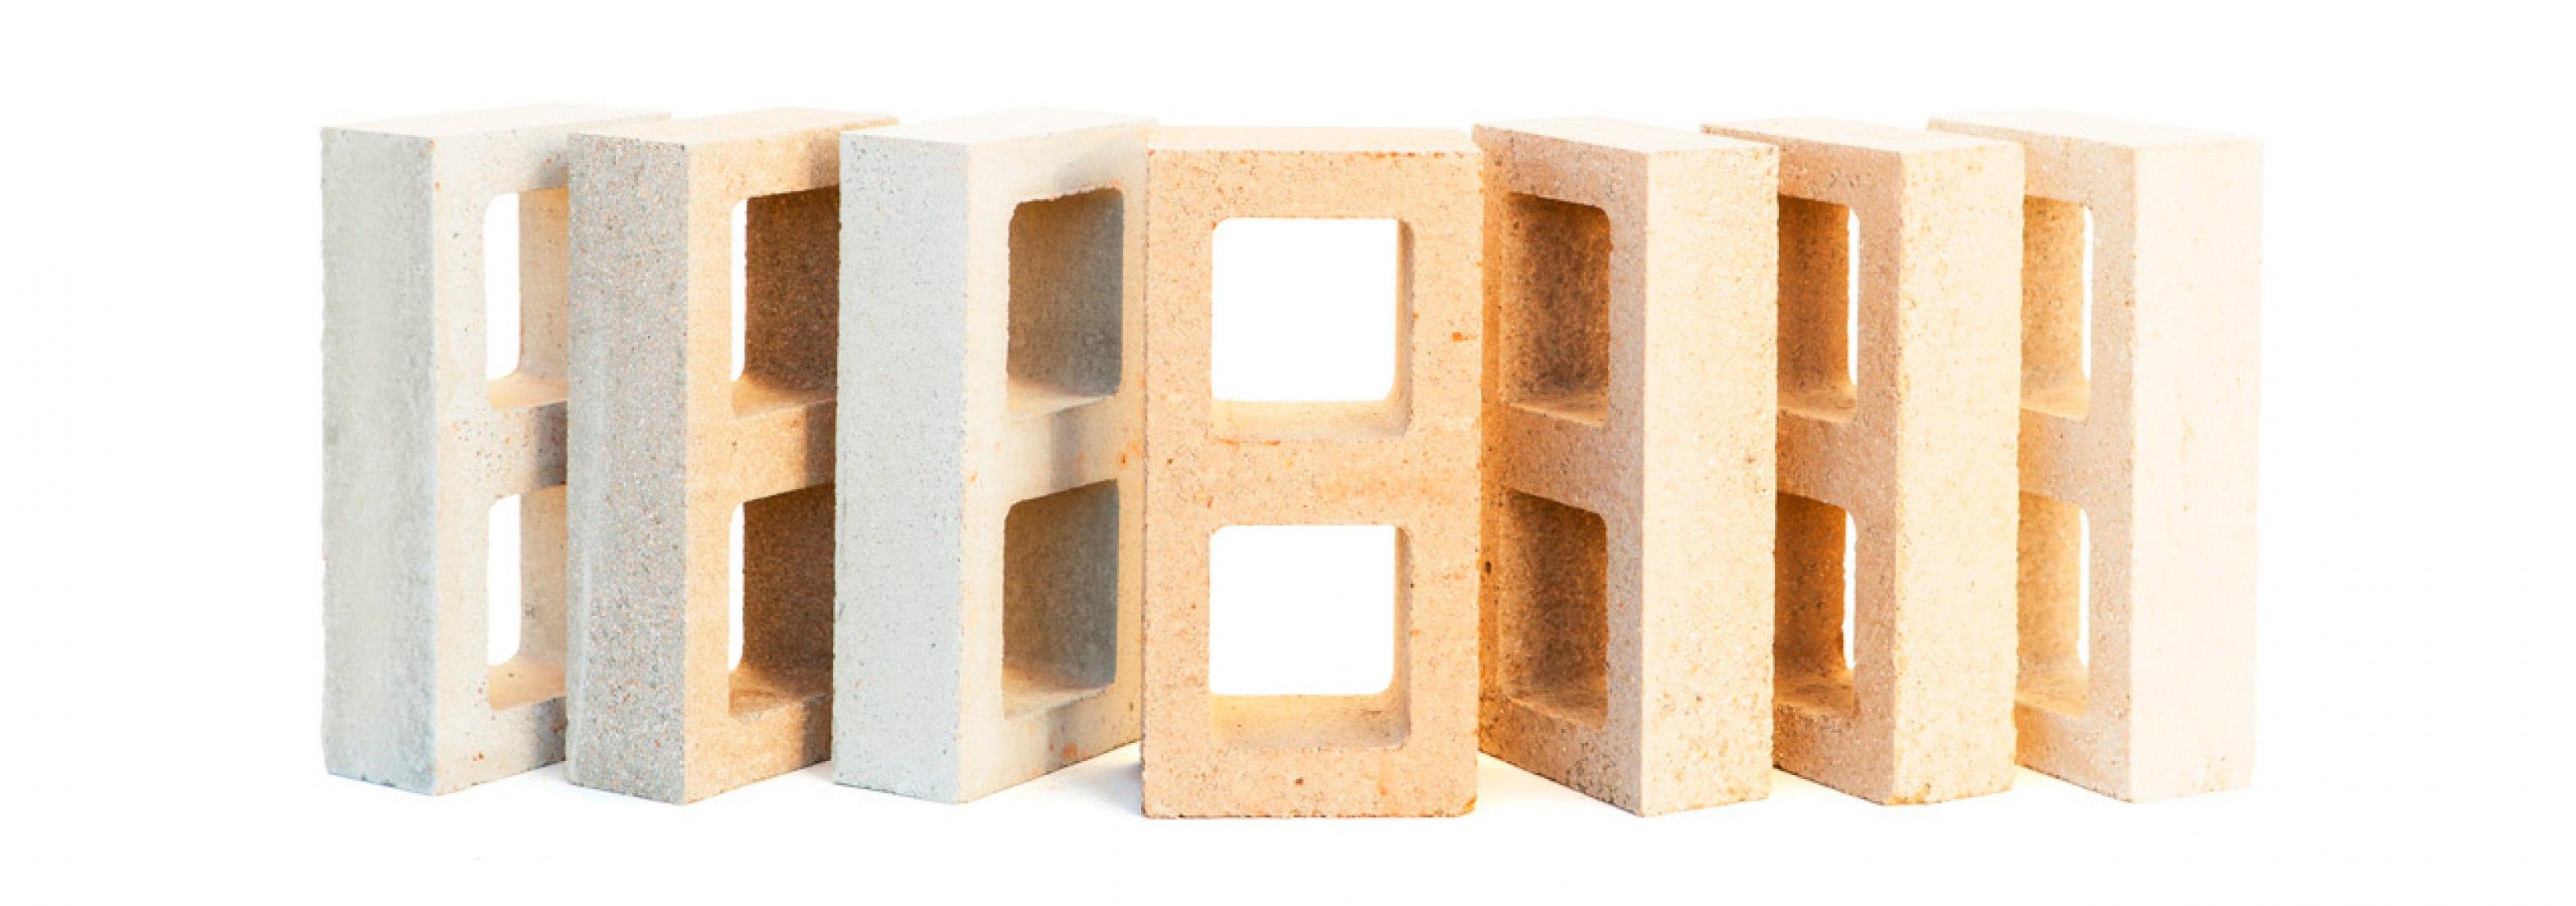 Bloques Watershed Materials. Imagen cortesía de Watershed Materials.